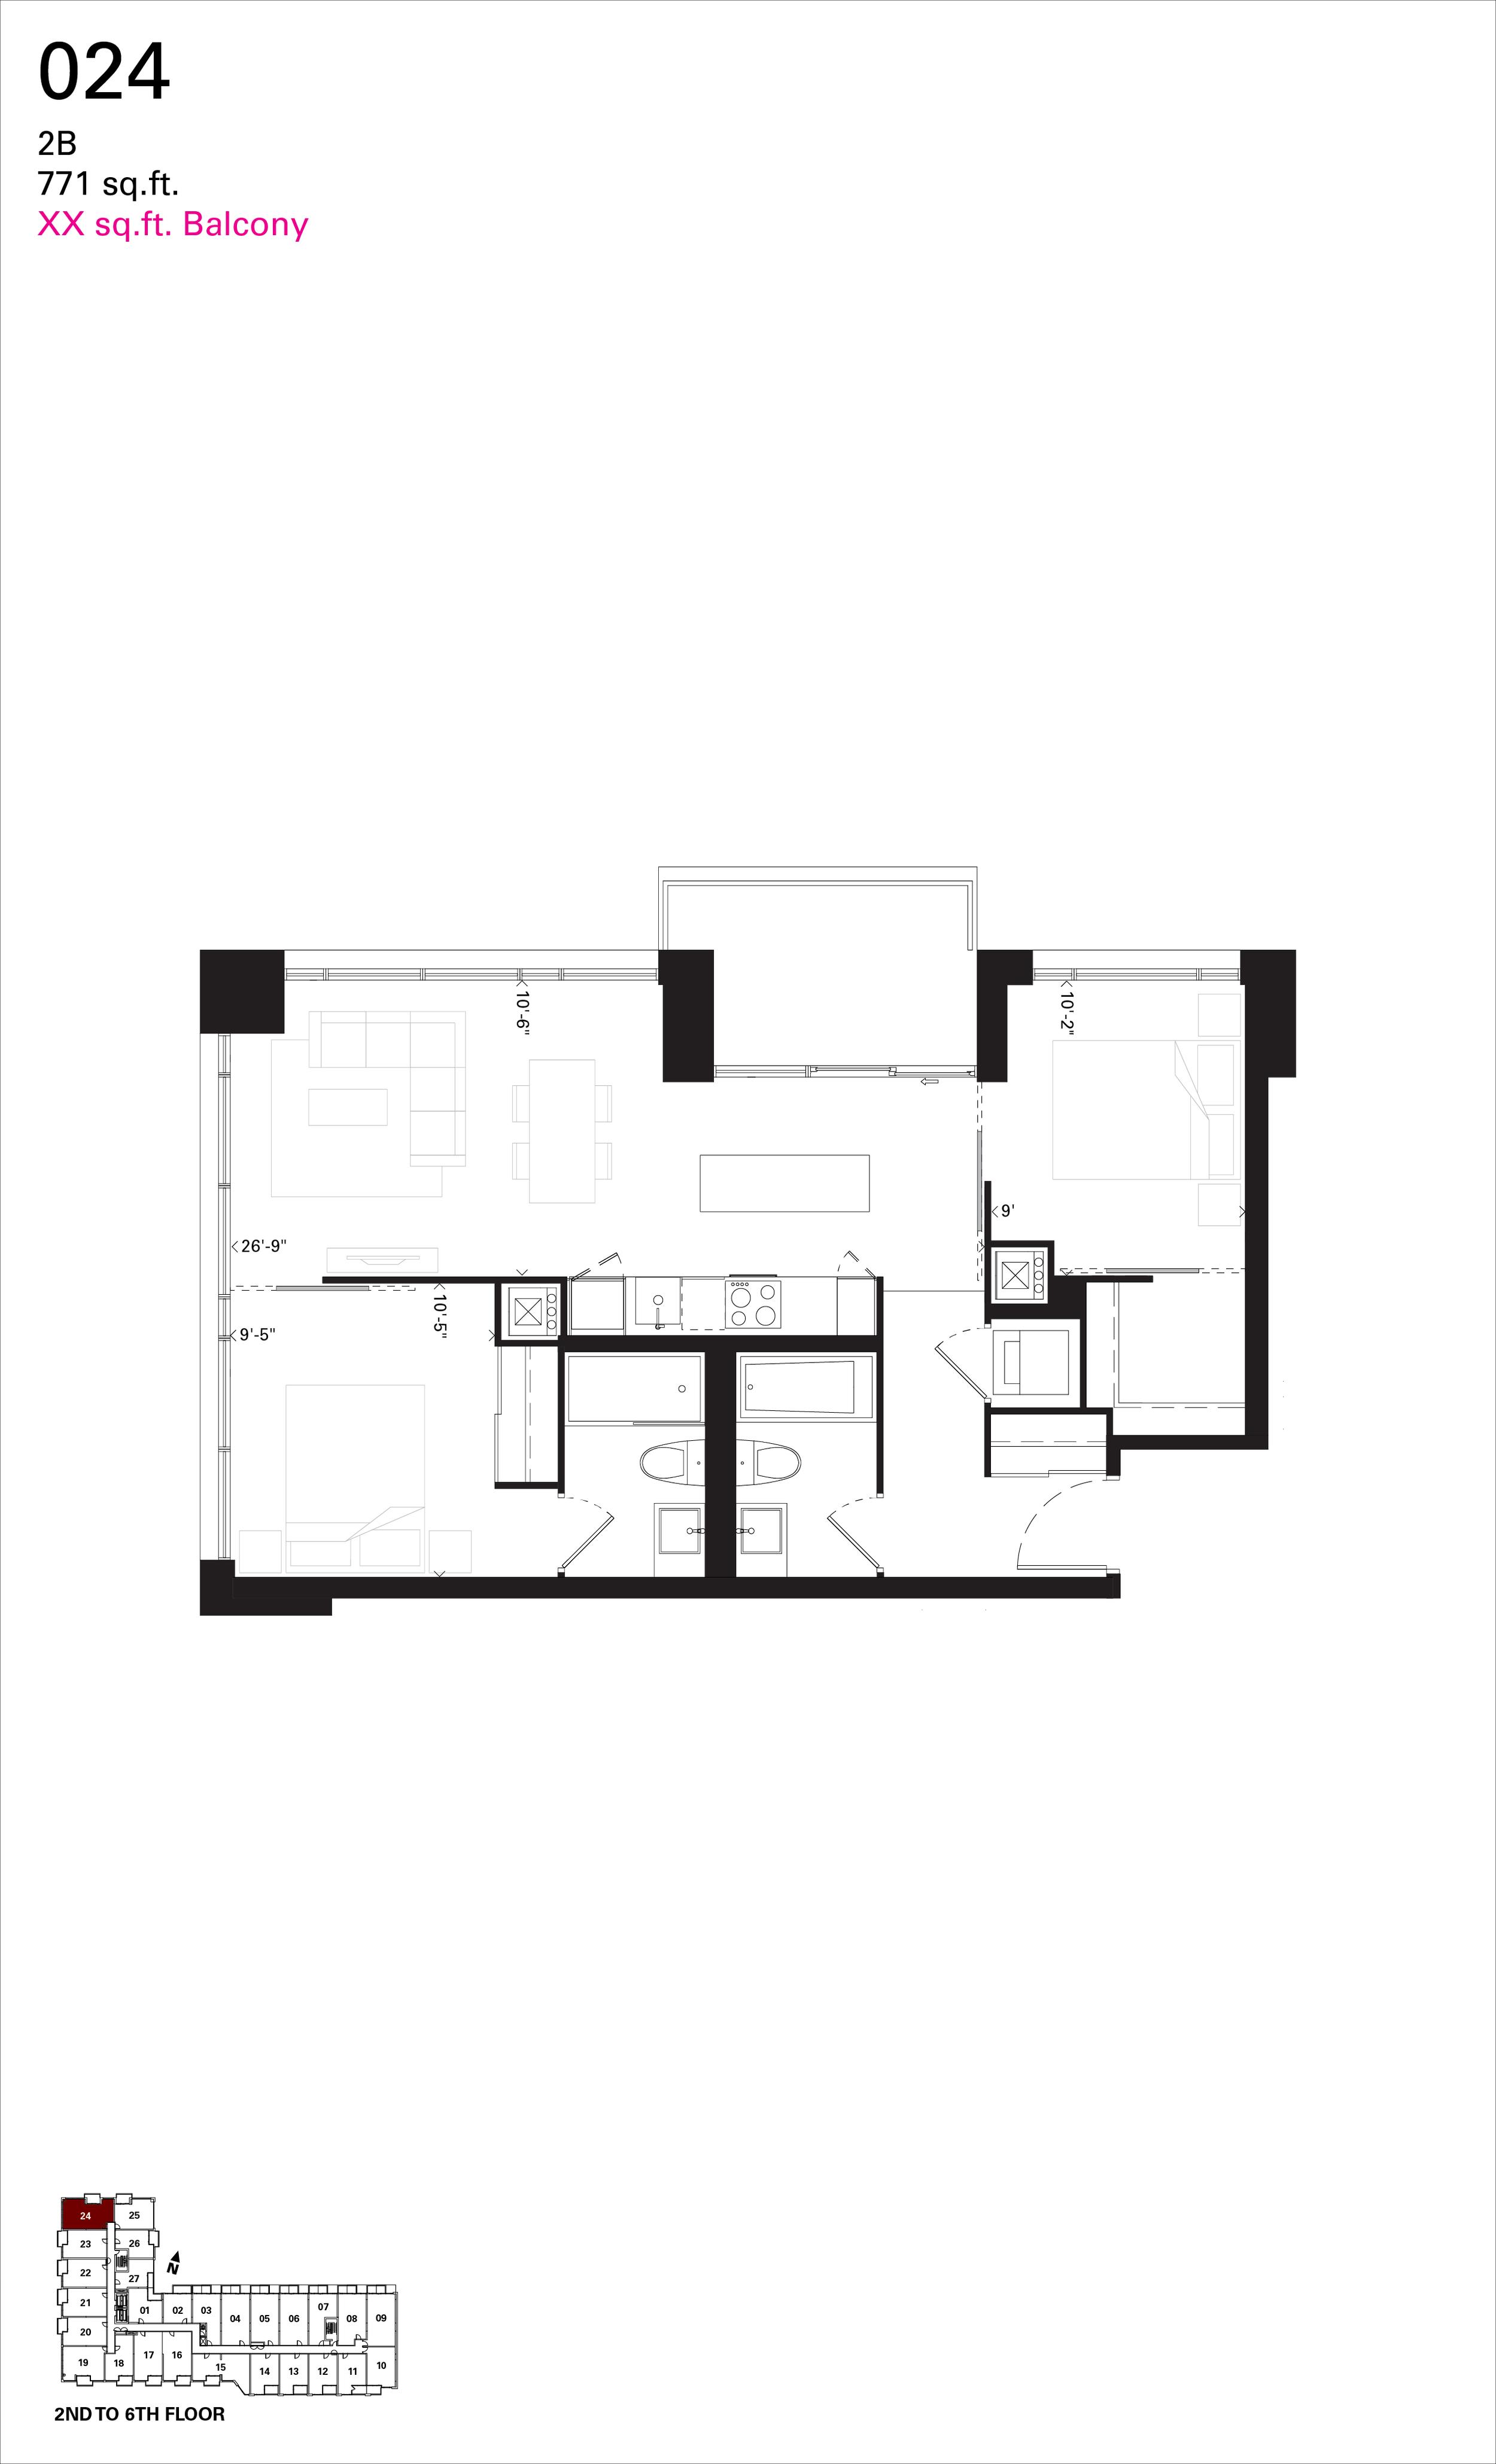 QP-Floorplan_024-01.png